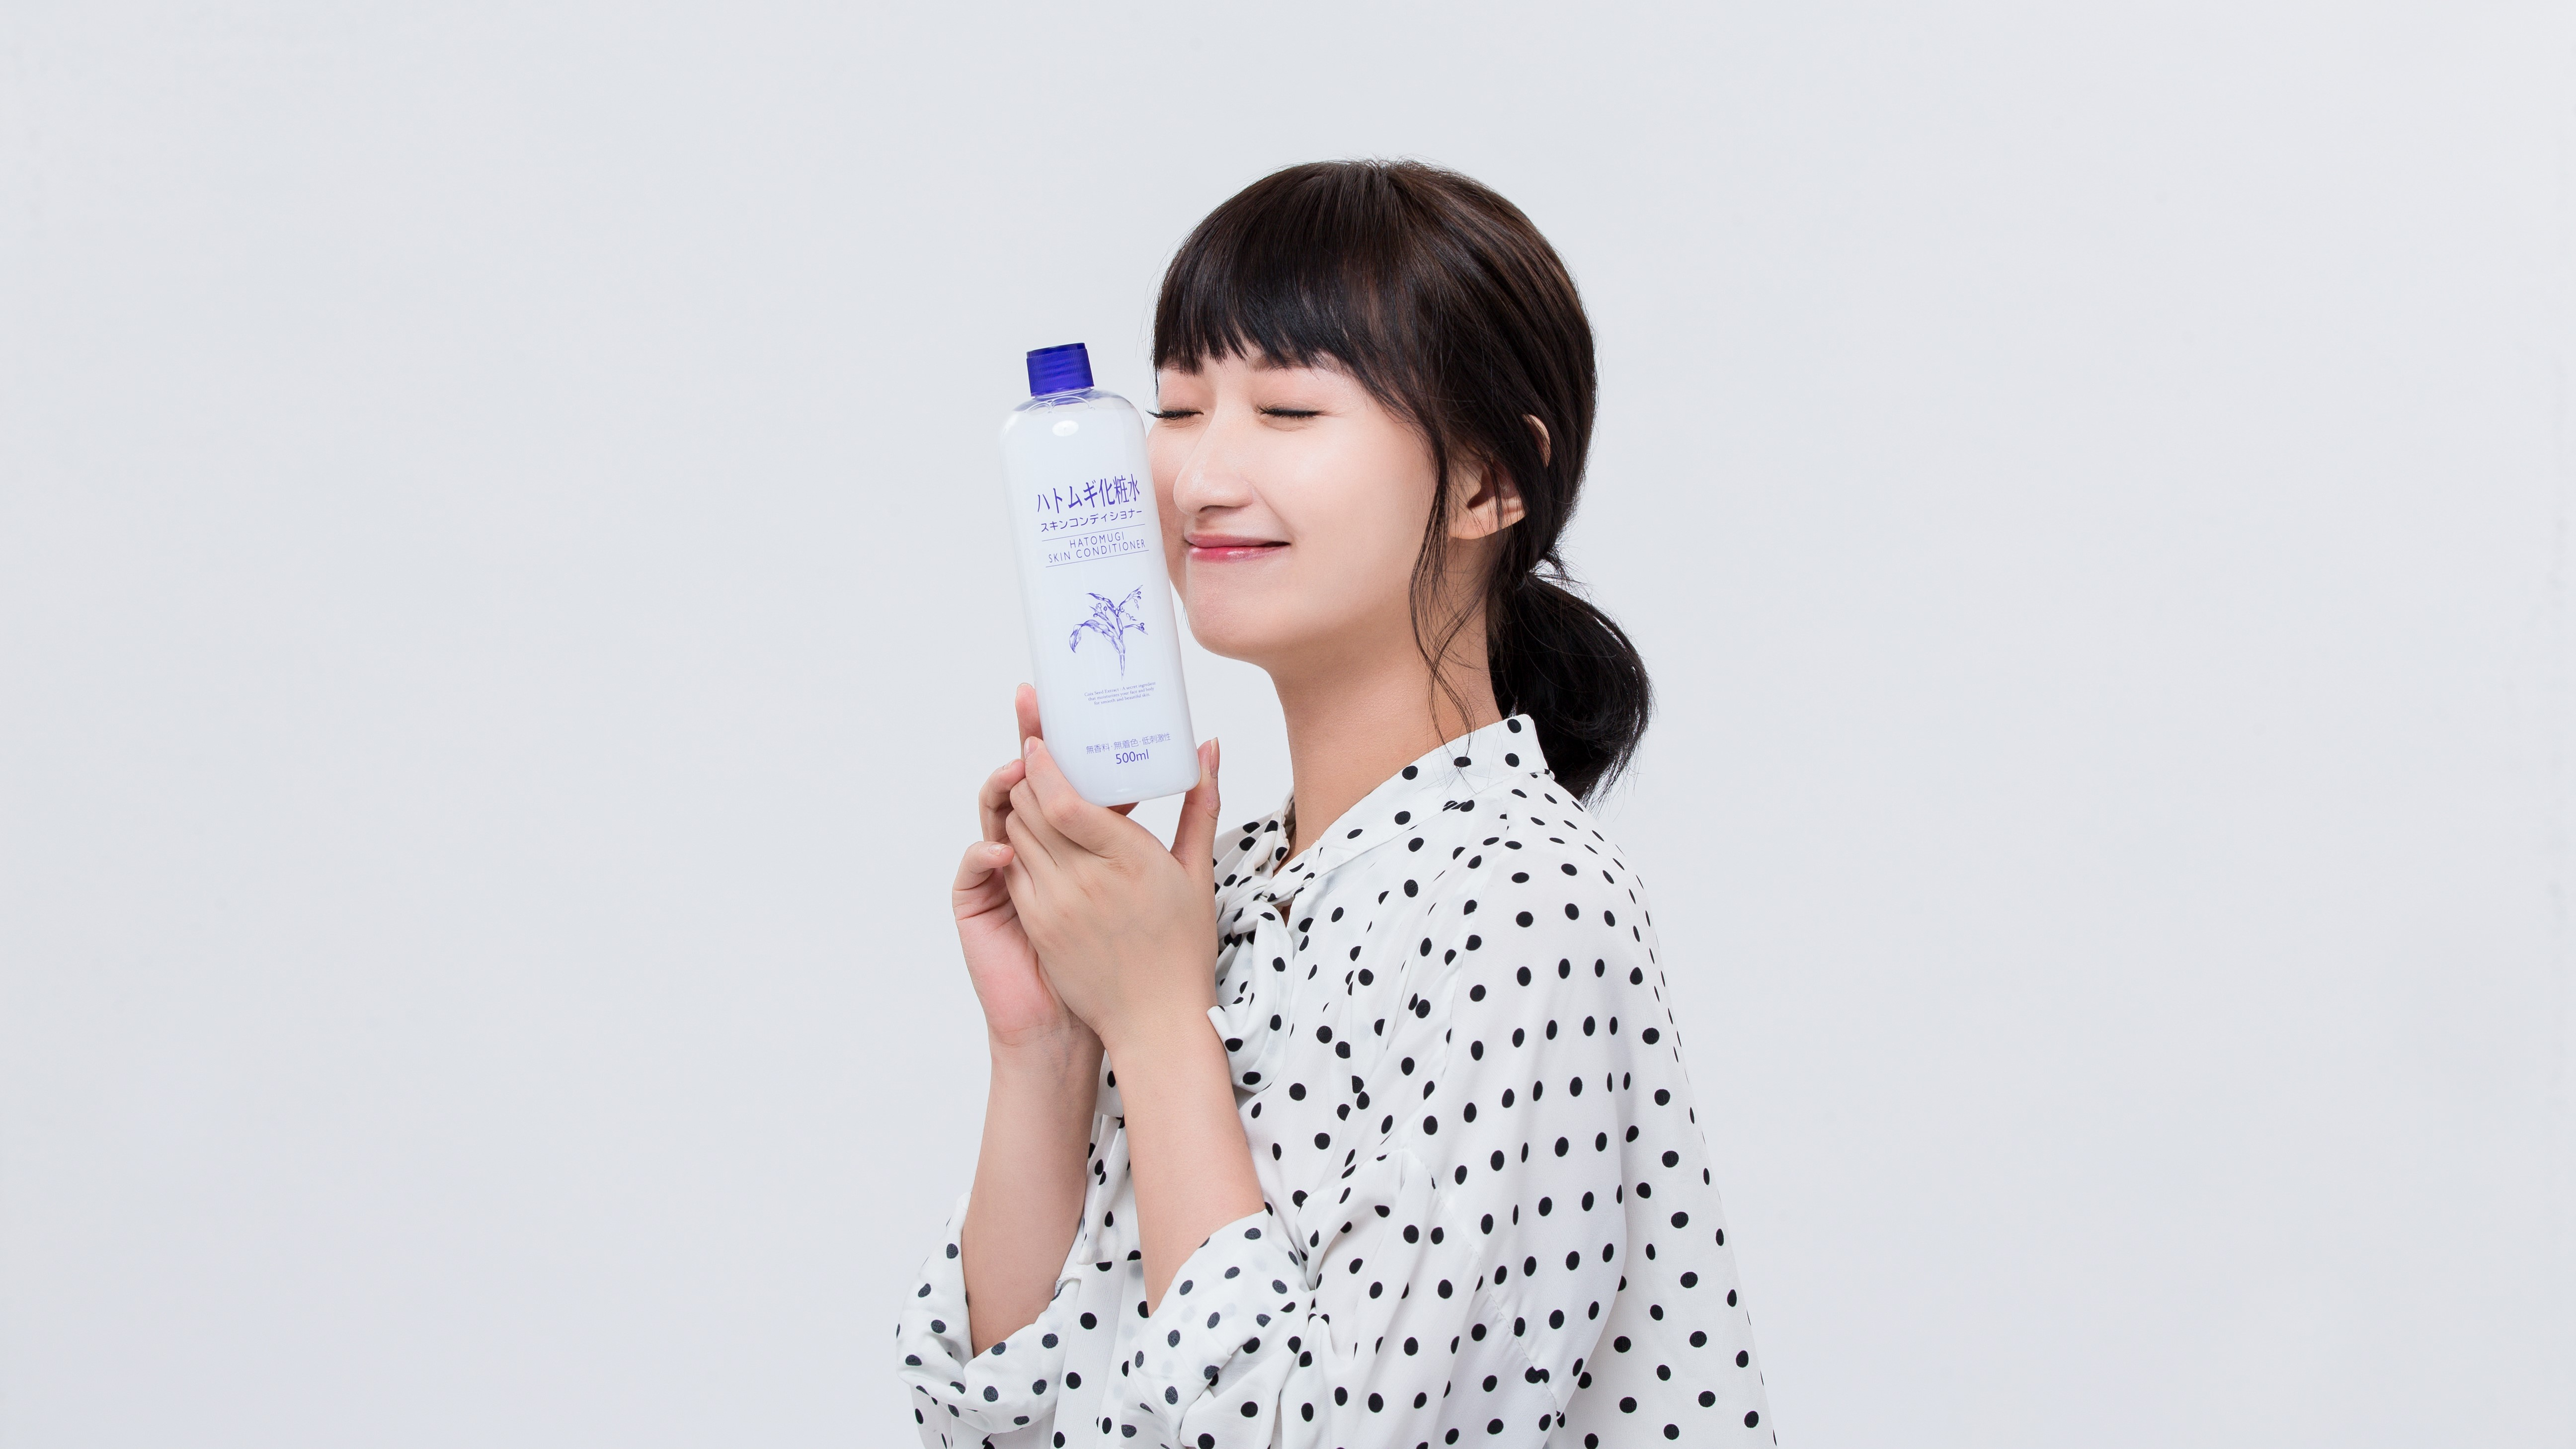 台灣碧雅詩 imju 薏仁清潤化妝水 媒體公關